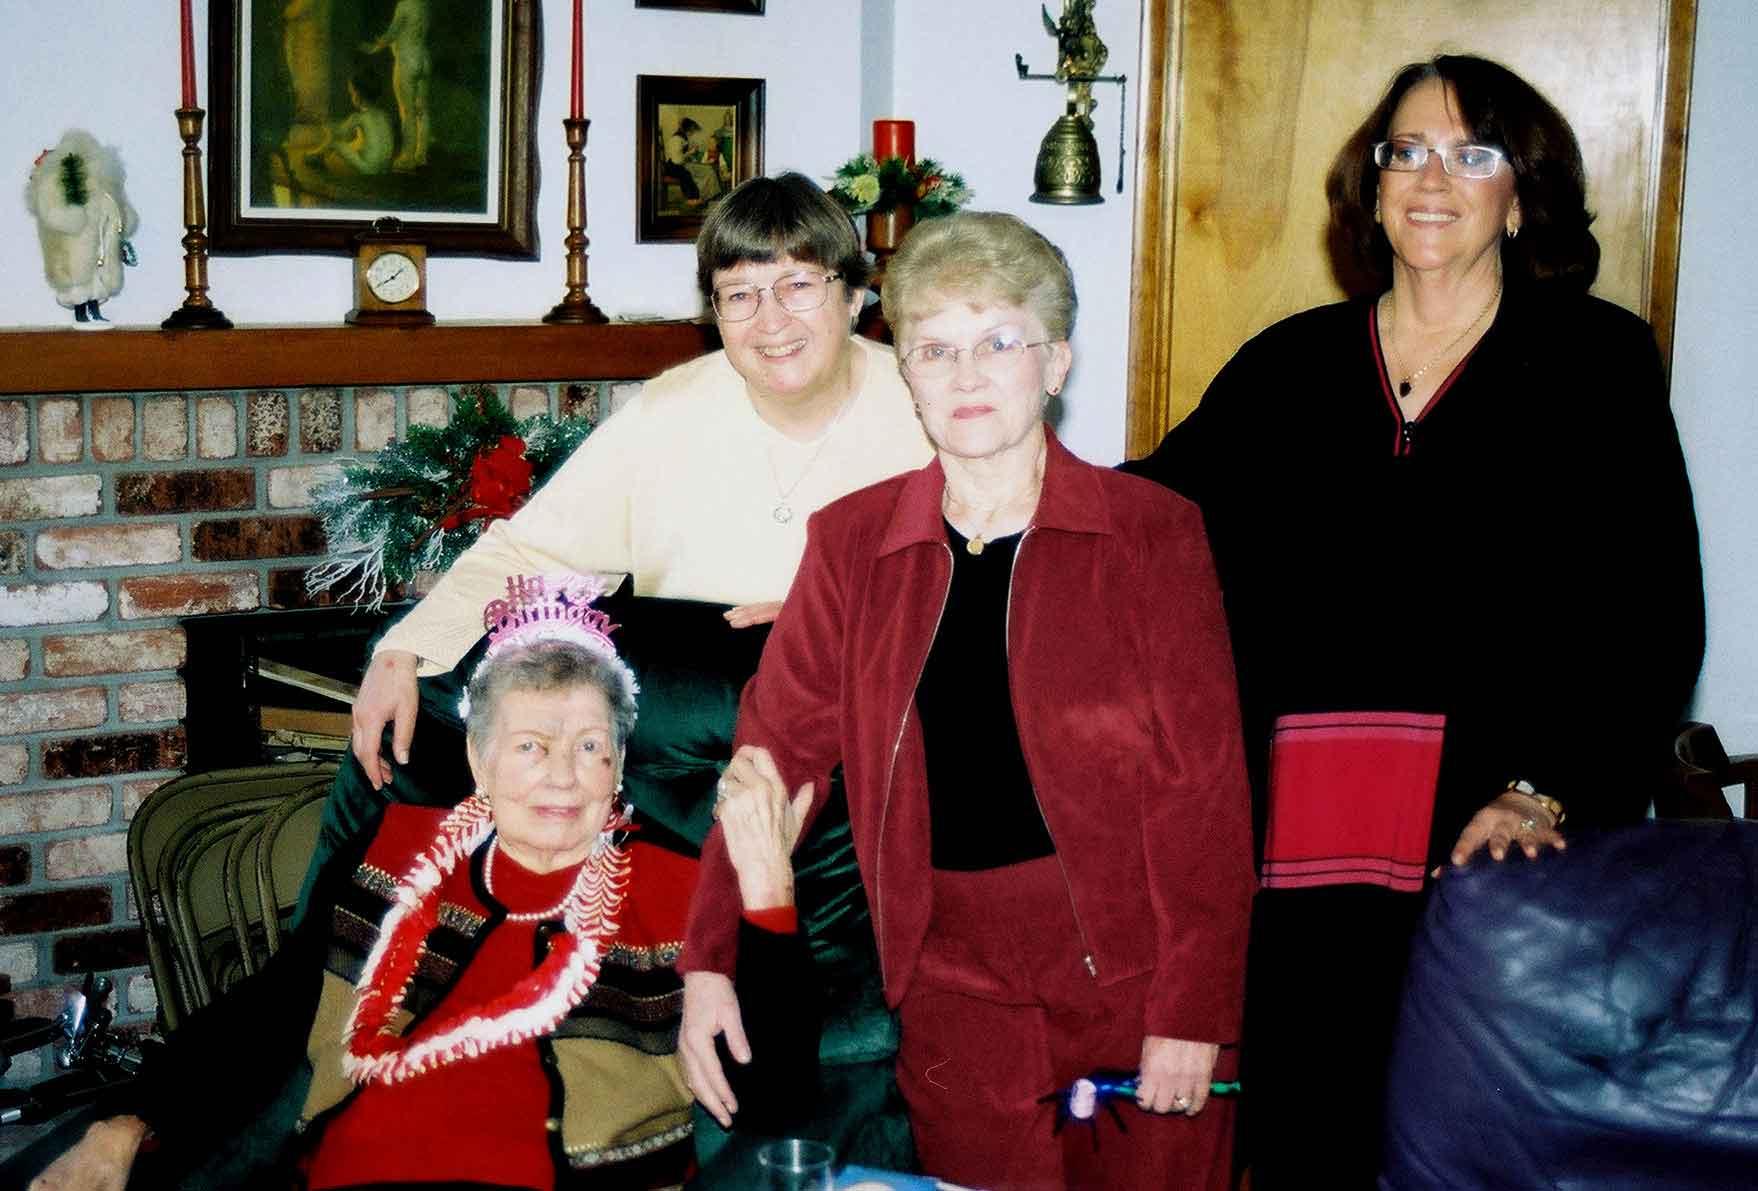 Bonnie Maguire, Karen Ivy, Shirley Pankratz, Sue Ivy Allen - the first cousins